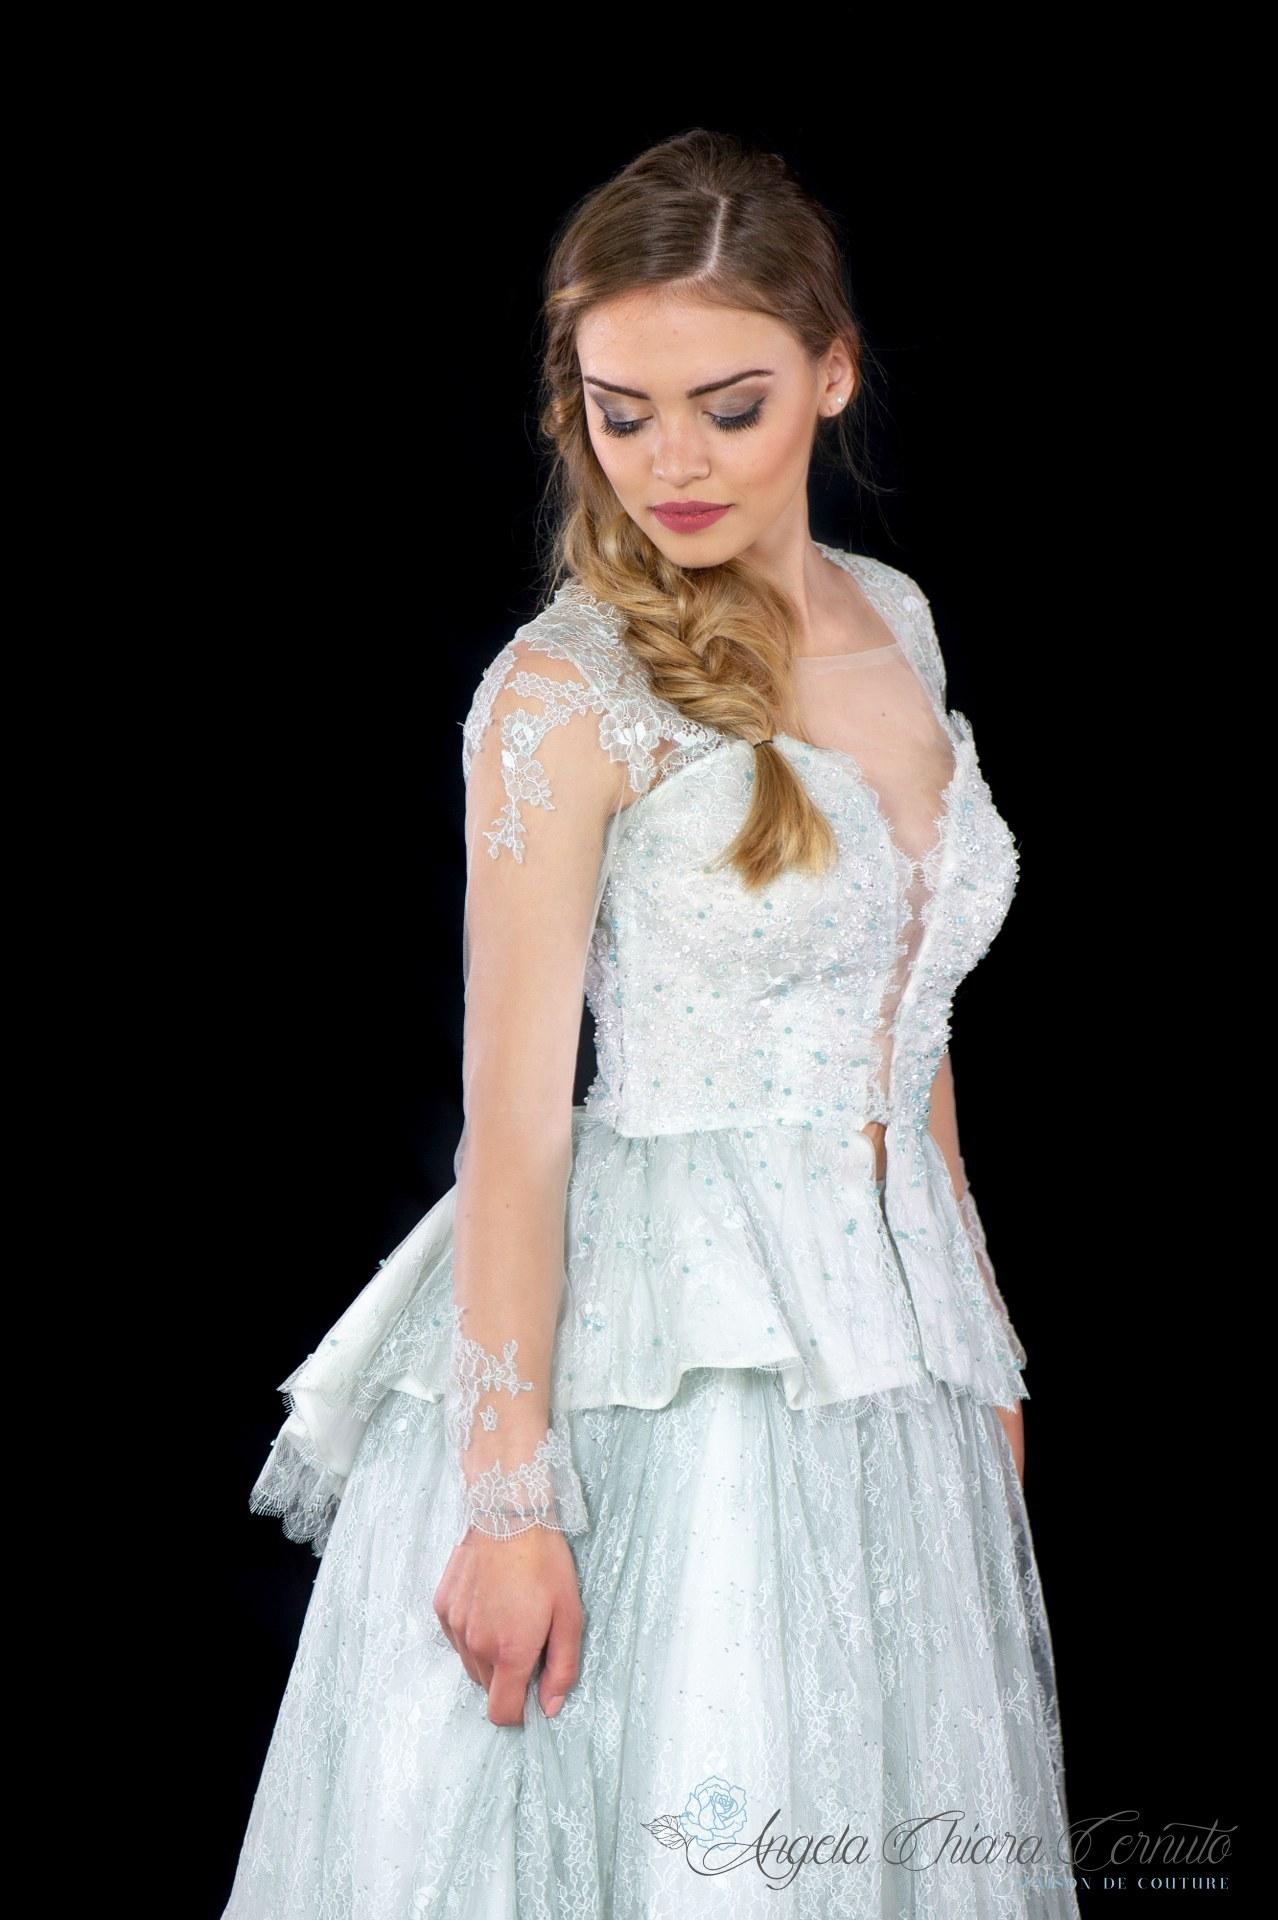 """Modello """"Elsa"""" - Angela Chiara Cernuto"""